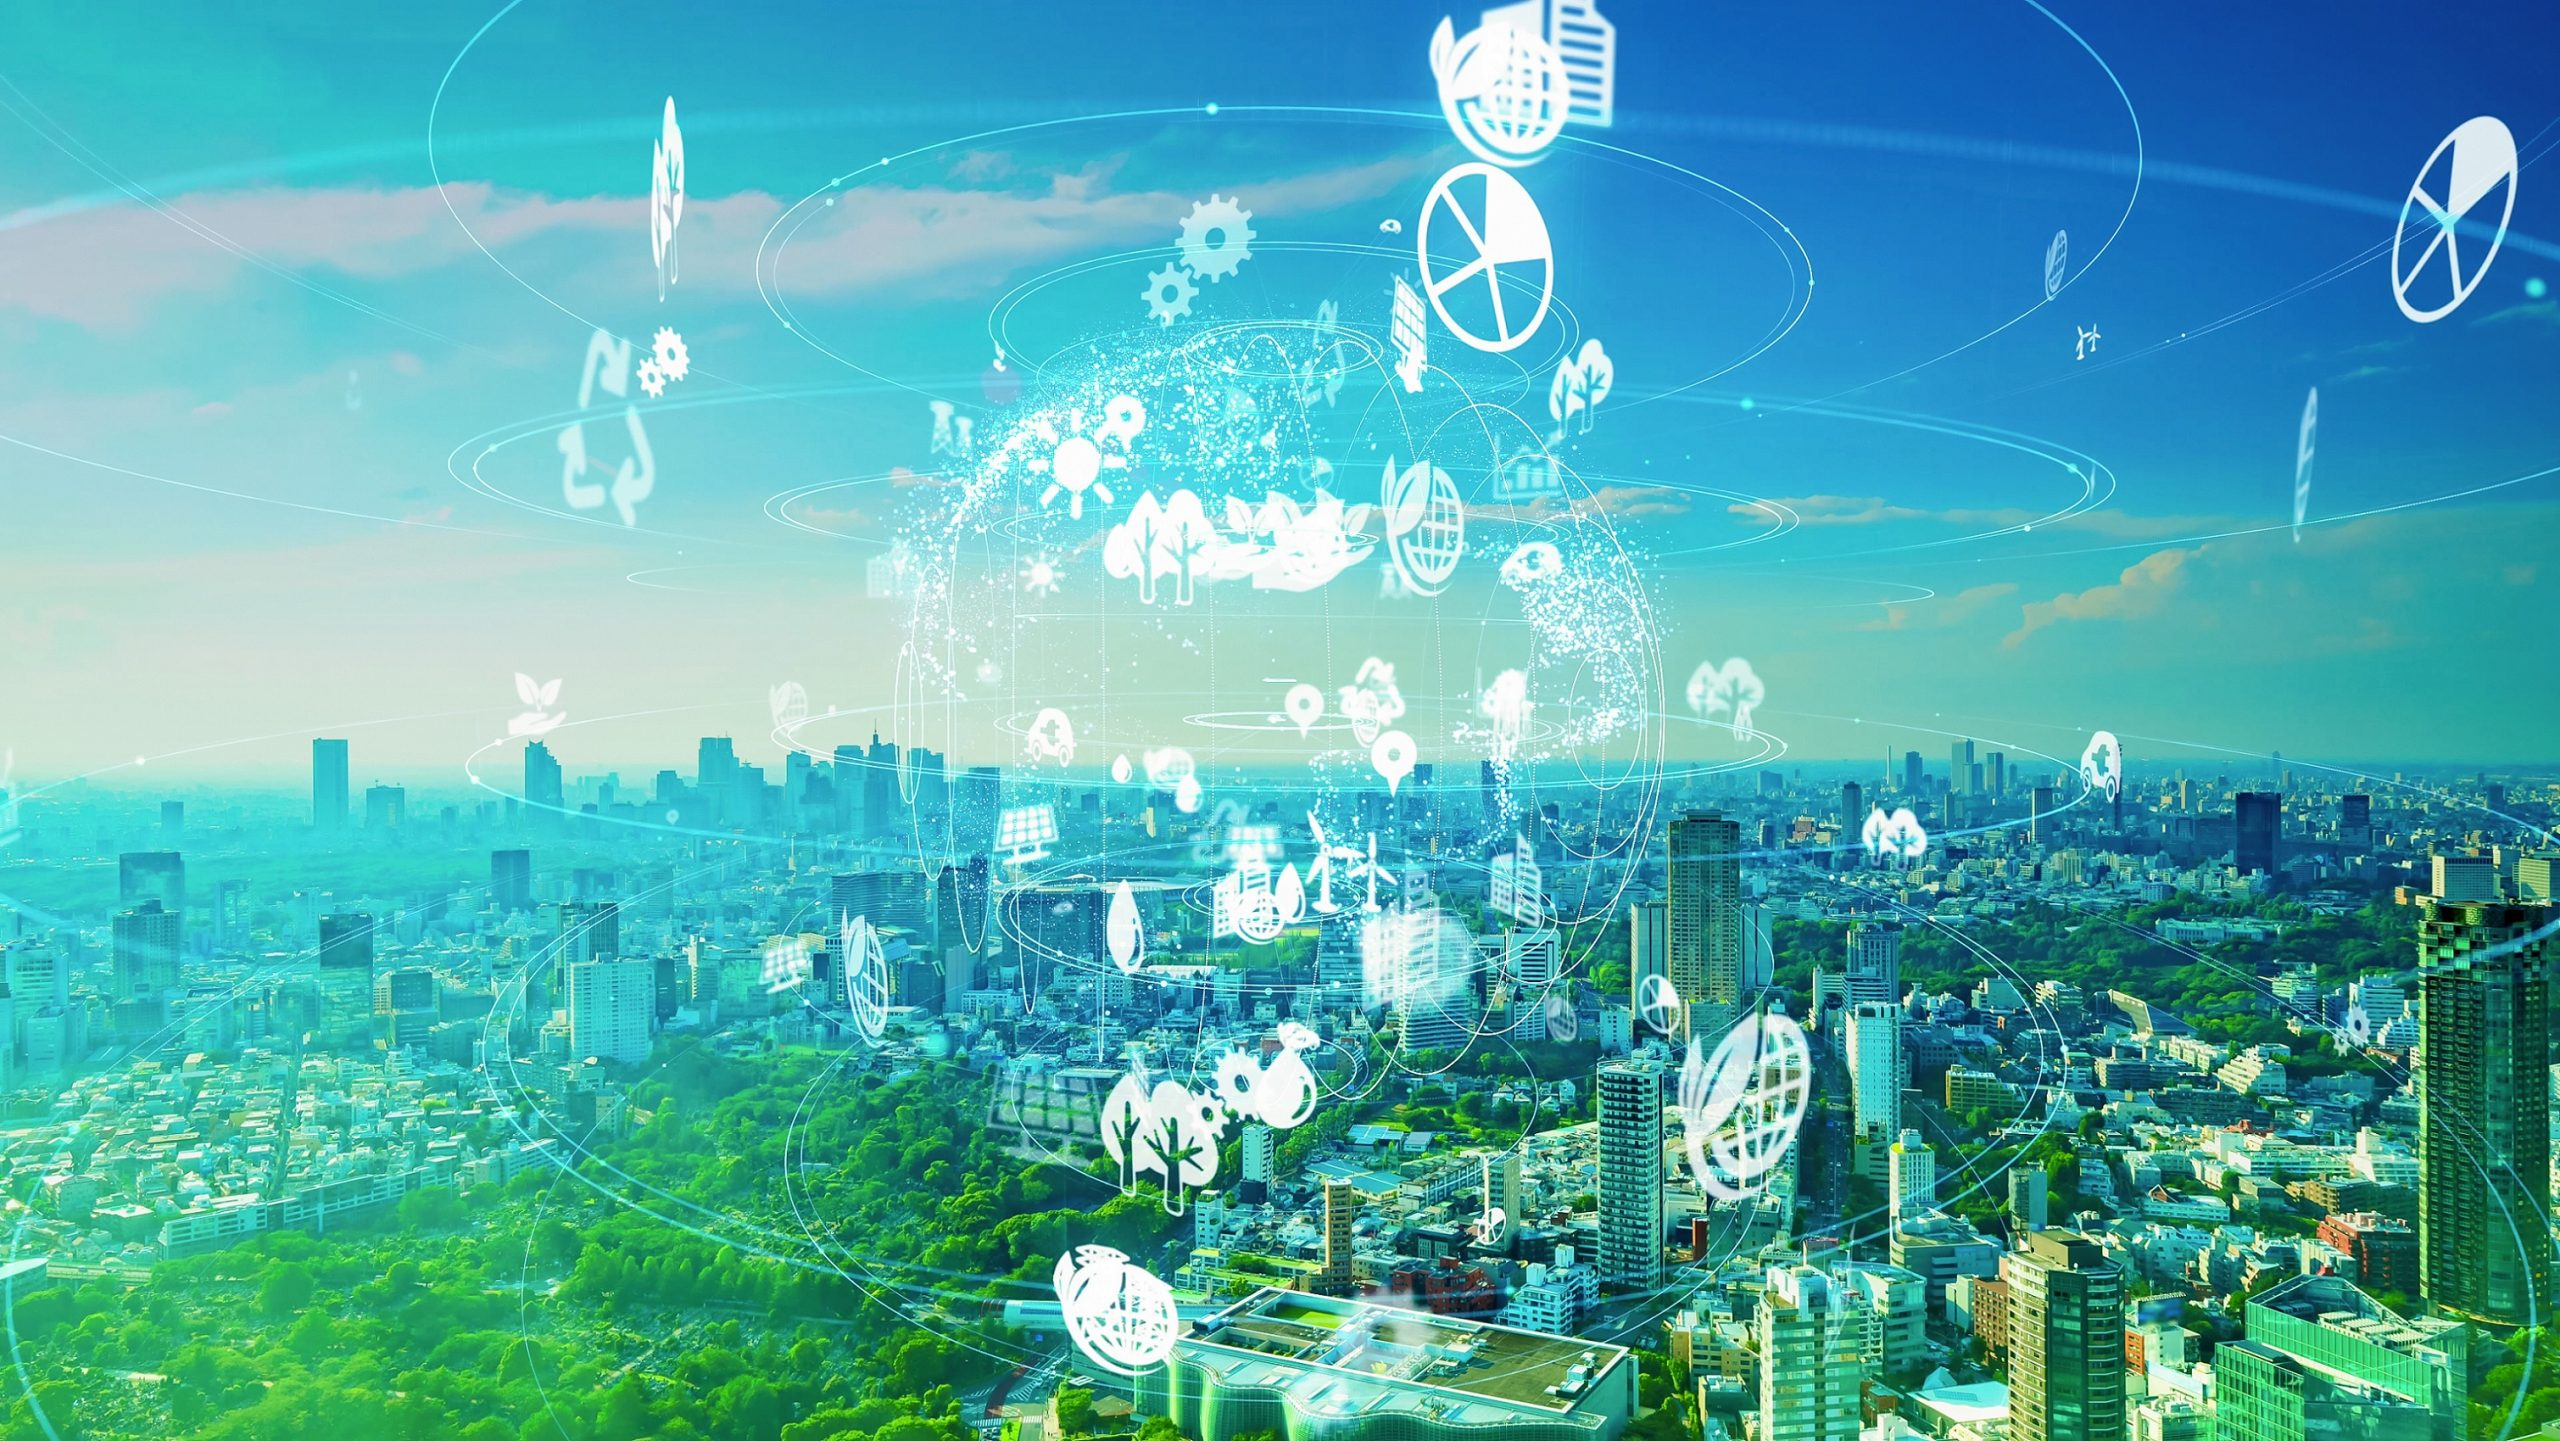 Con l'iniziativa europea UIA si sperimentano soluzioni innovative per rigenerare le città